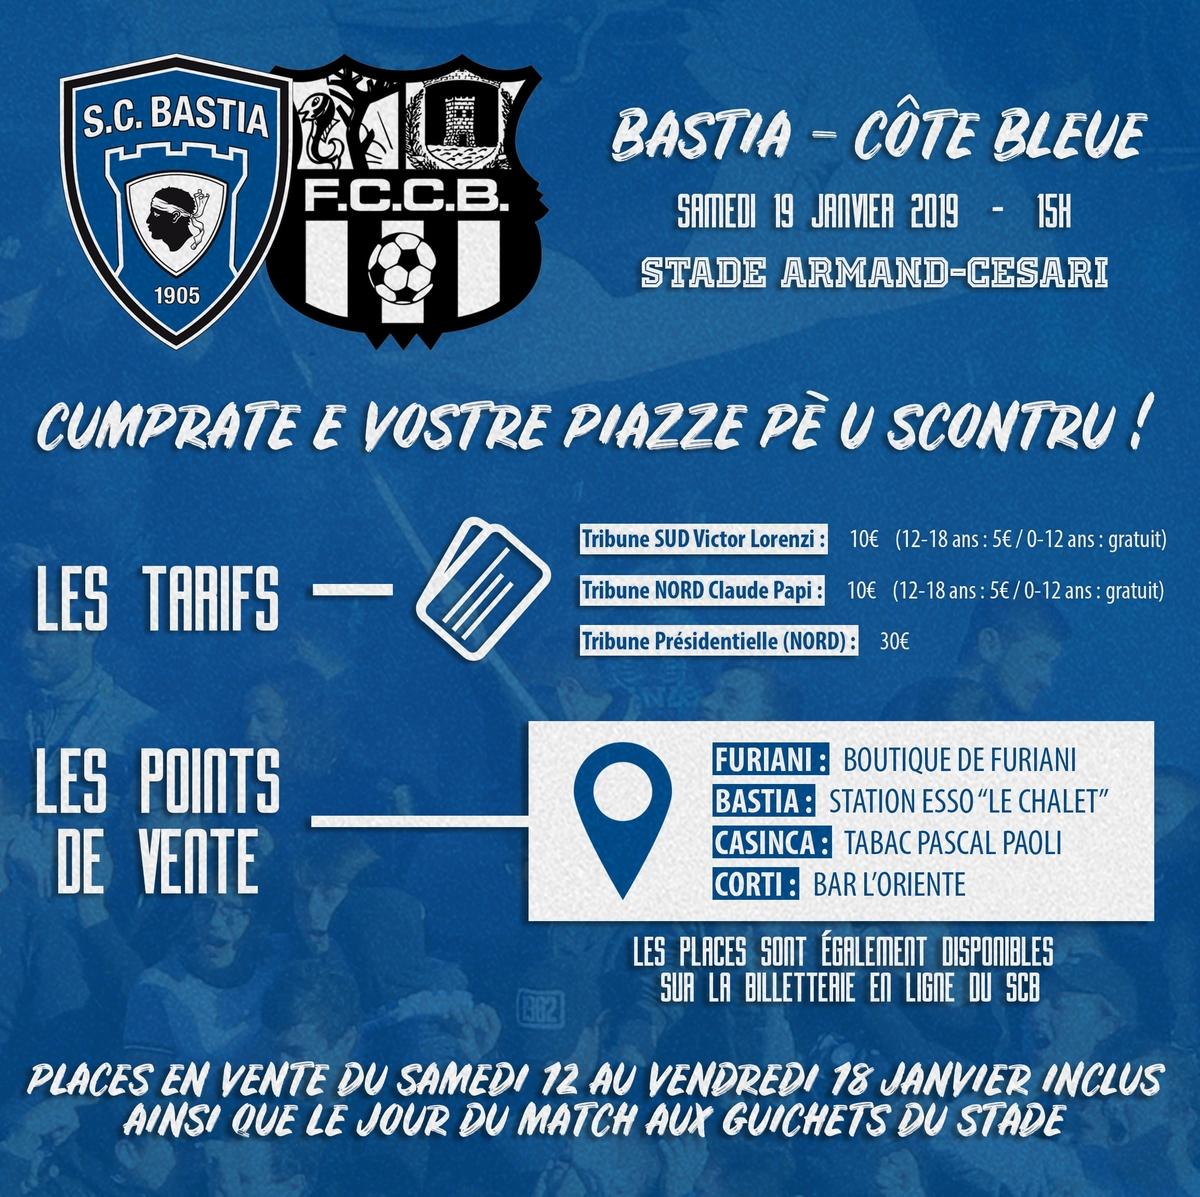 10-12 ans sites de rencontres CF Rencontres cf